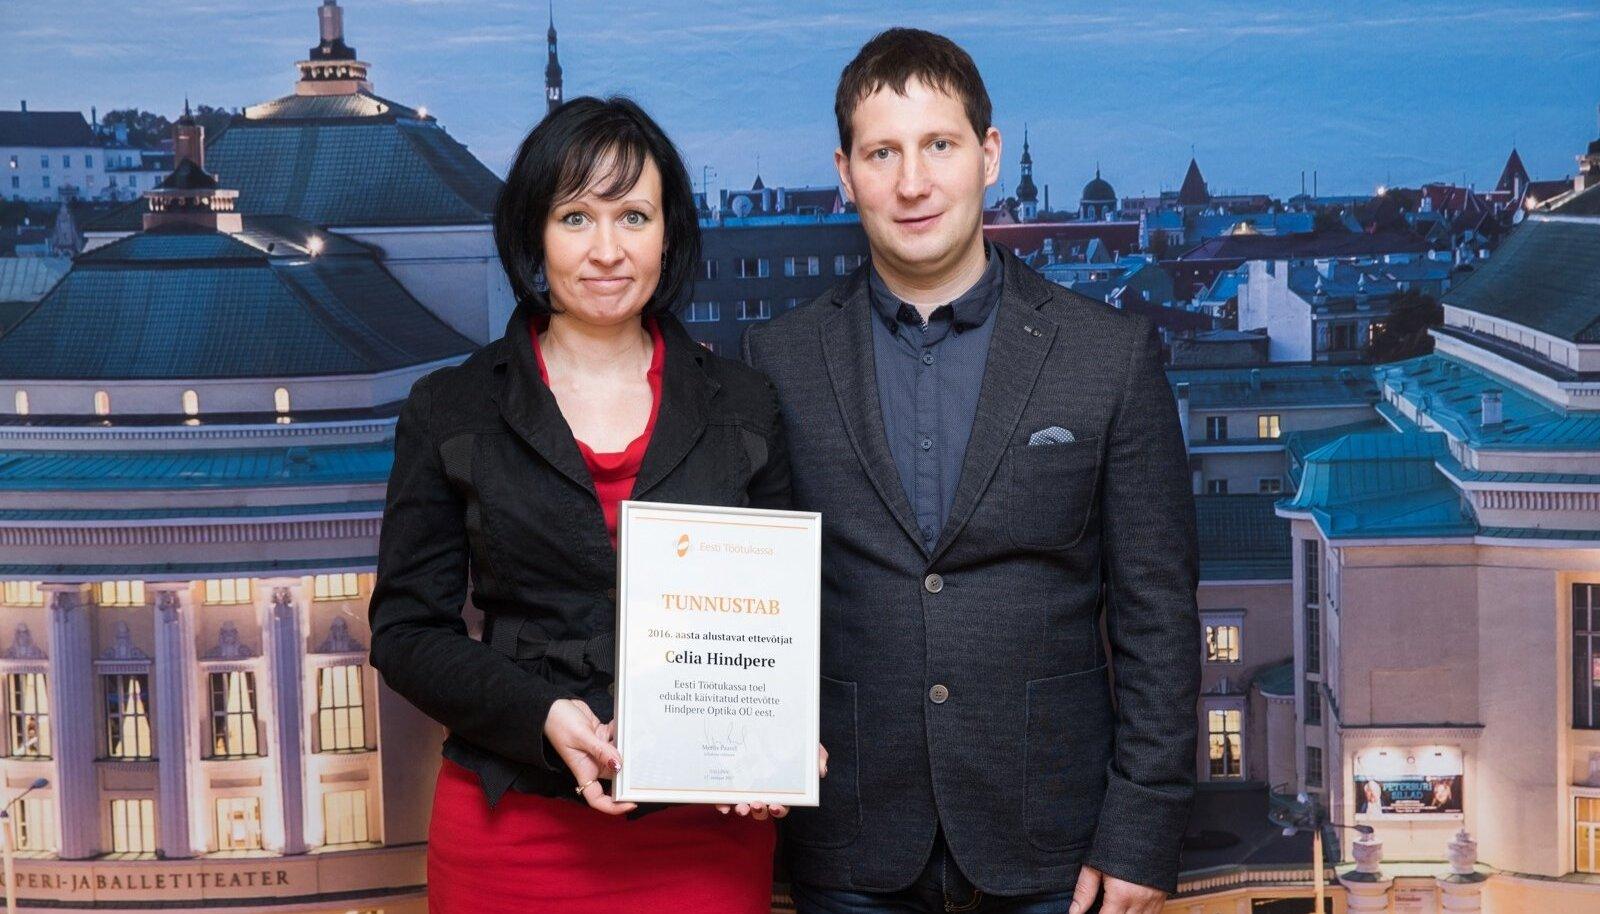 Perekond Hindpere. Töötukassa tunnustas Celiat eelmisel aastal õnnestunult käivitatud ettevõtte puhul.